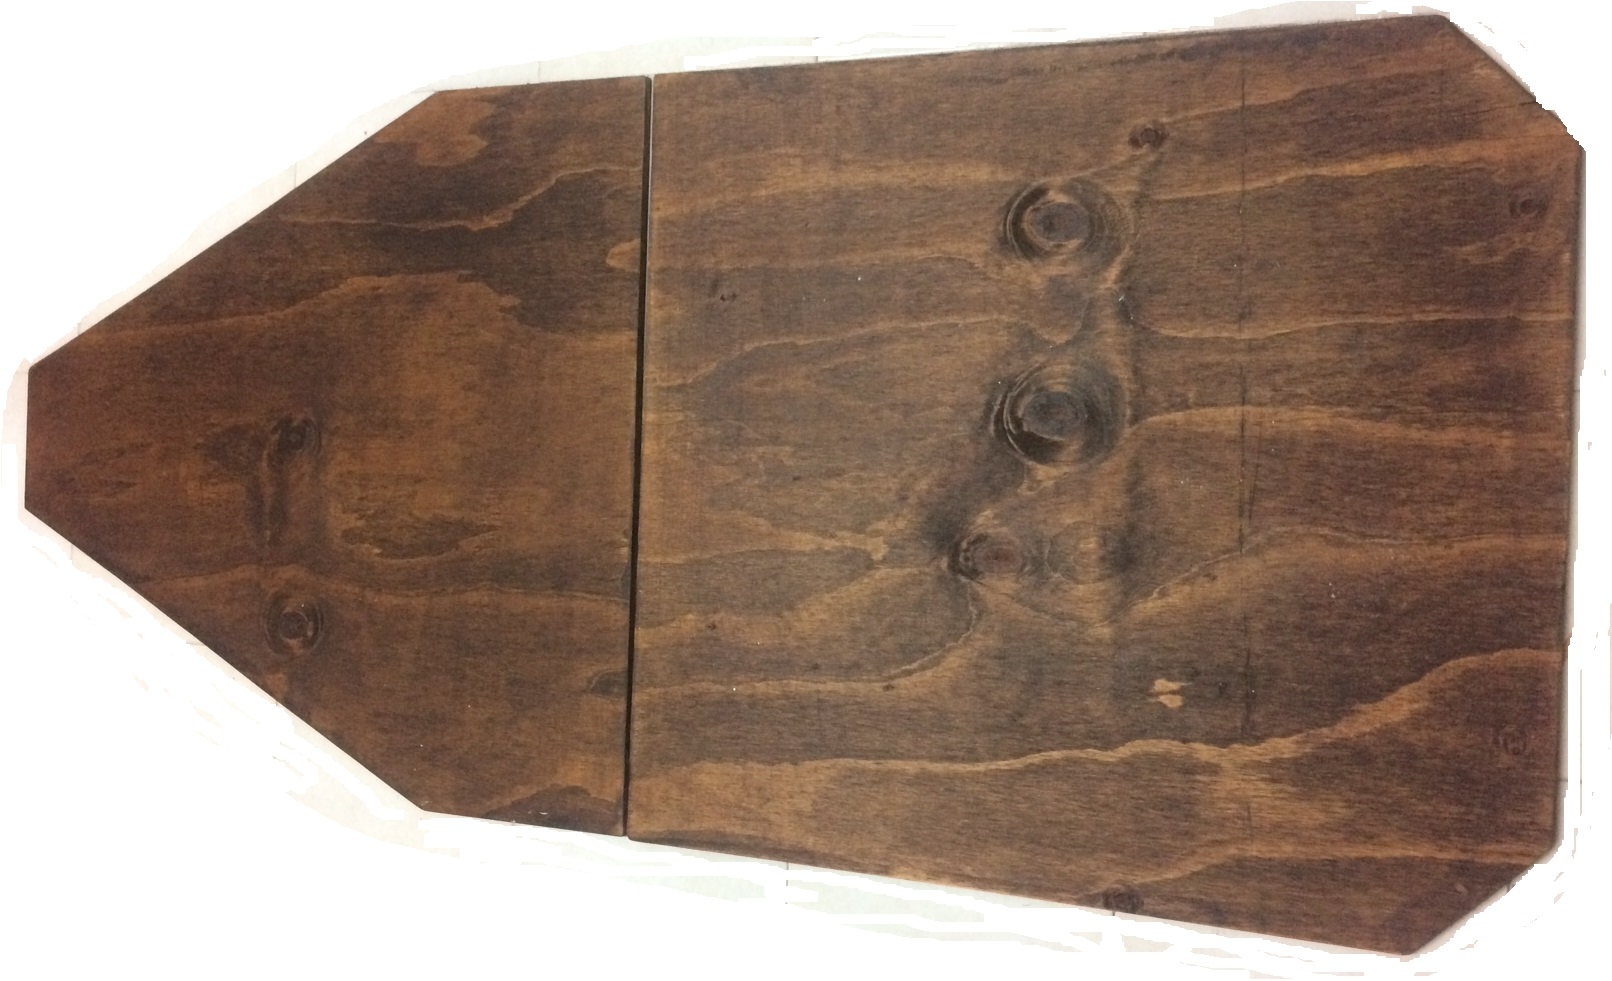 Paiolato in legno marino Aquaparx RIB230 - RIB280 -RIB330